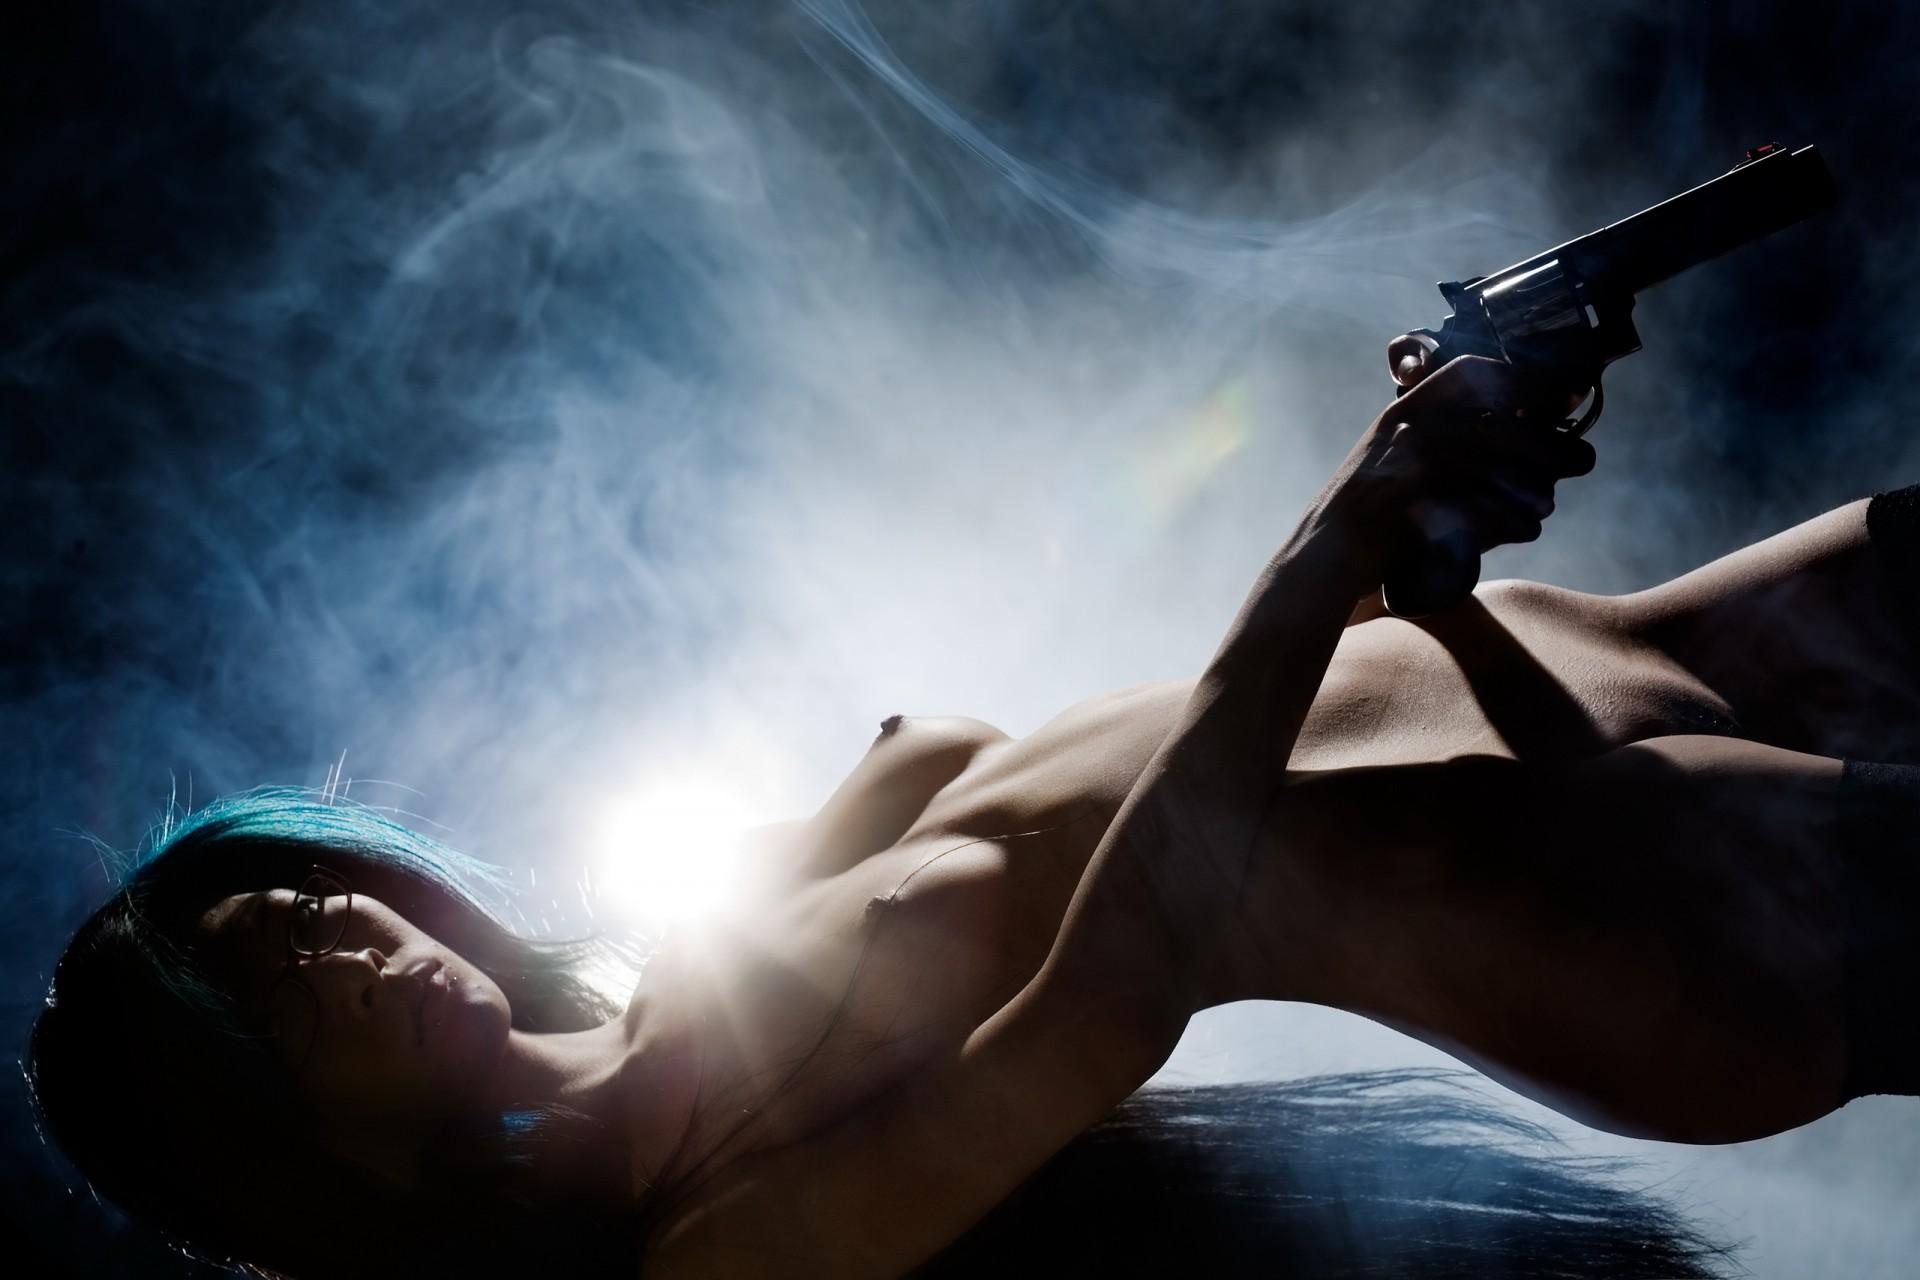 девушки с оружием смотреть рабочий стол эротика она